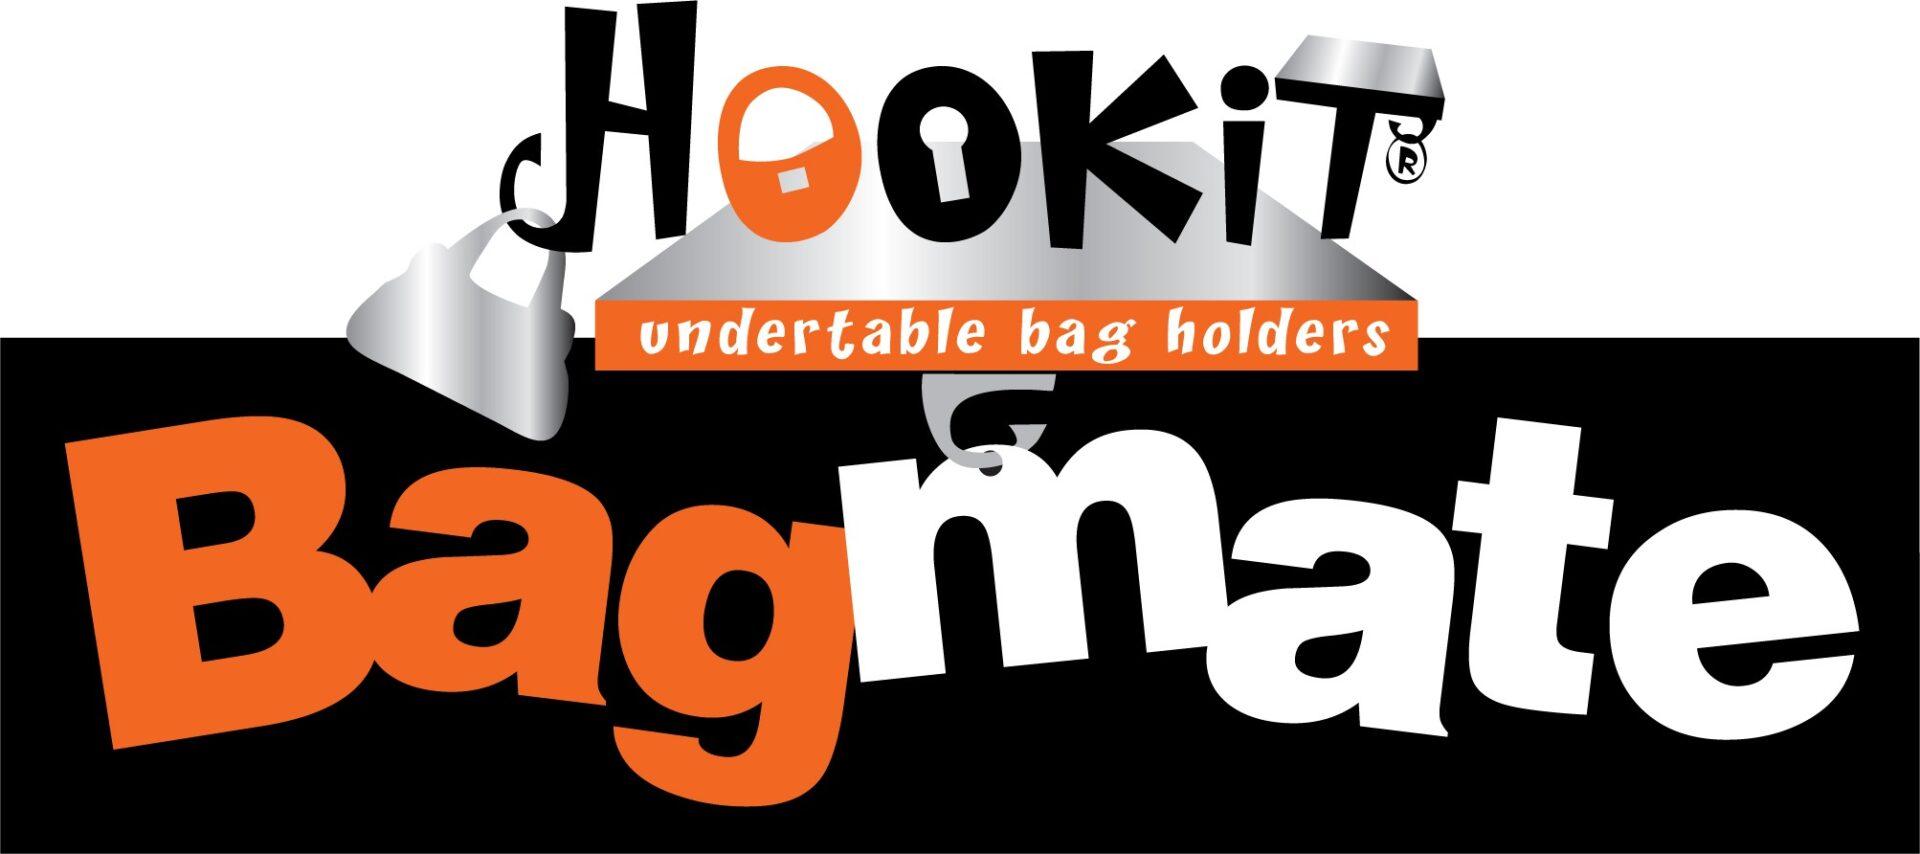 hookit bagmate logo